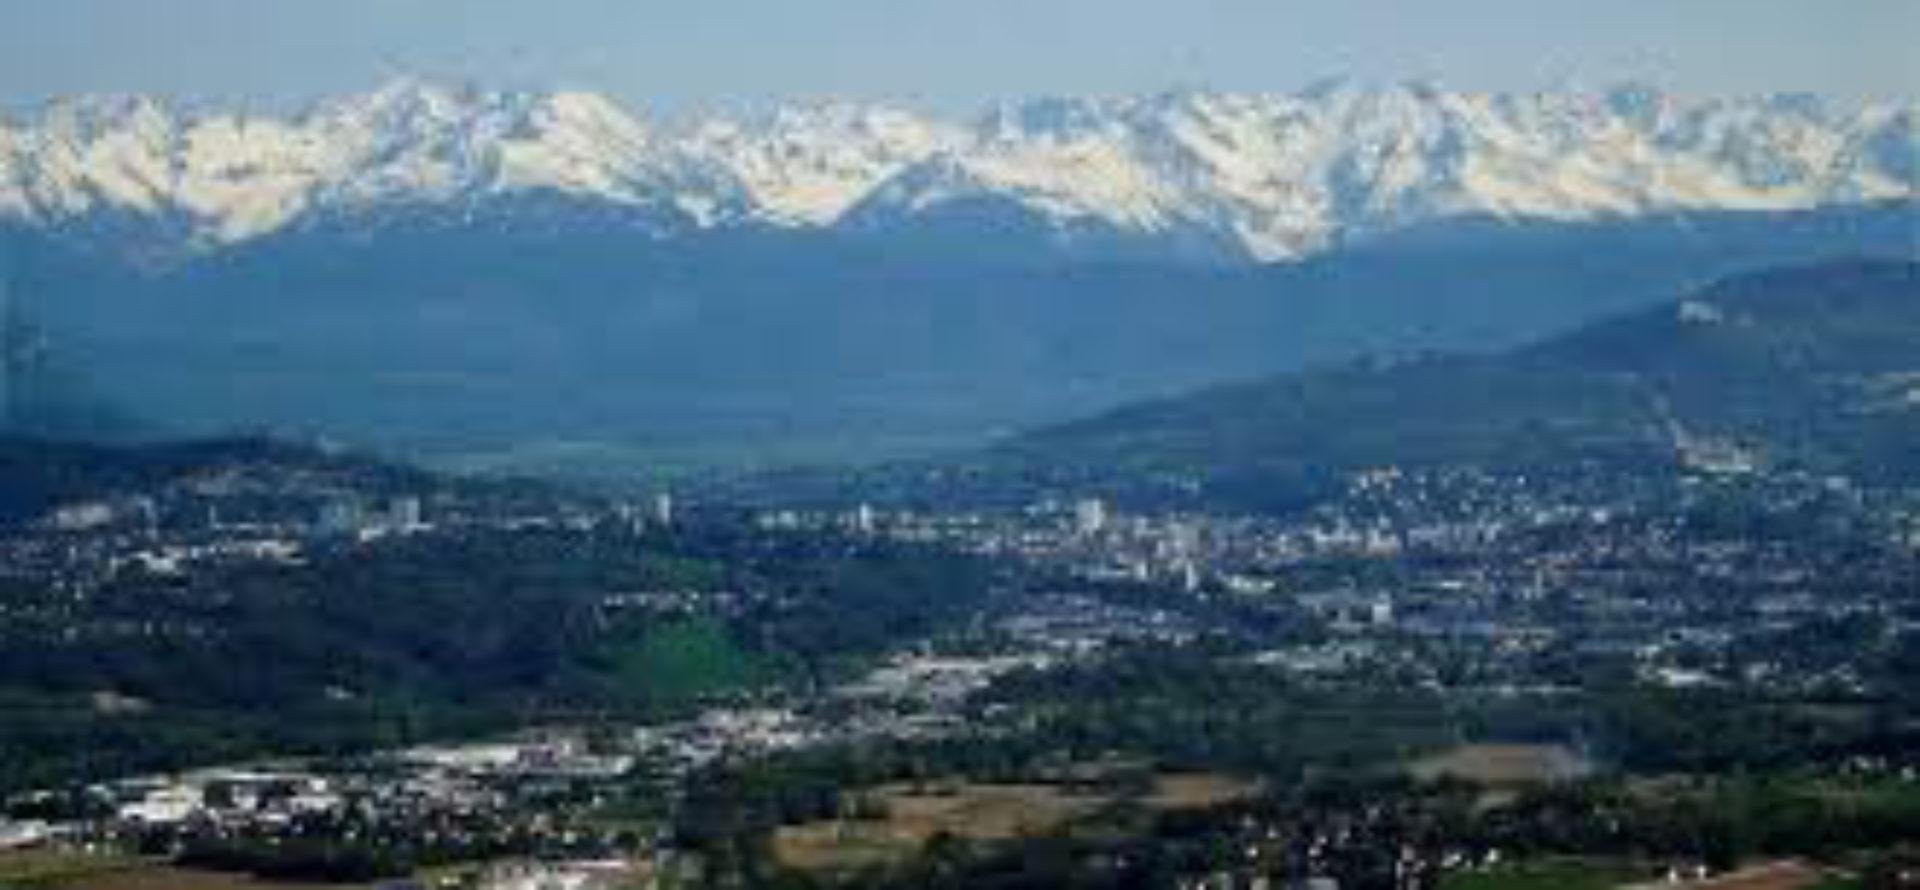 Chambéry, cité des ducs de savoie